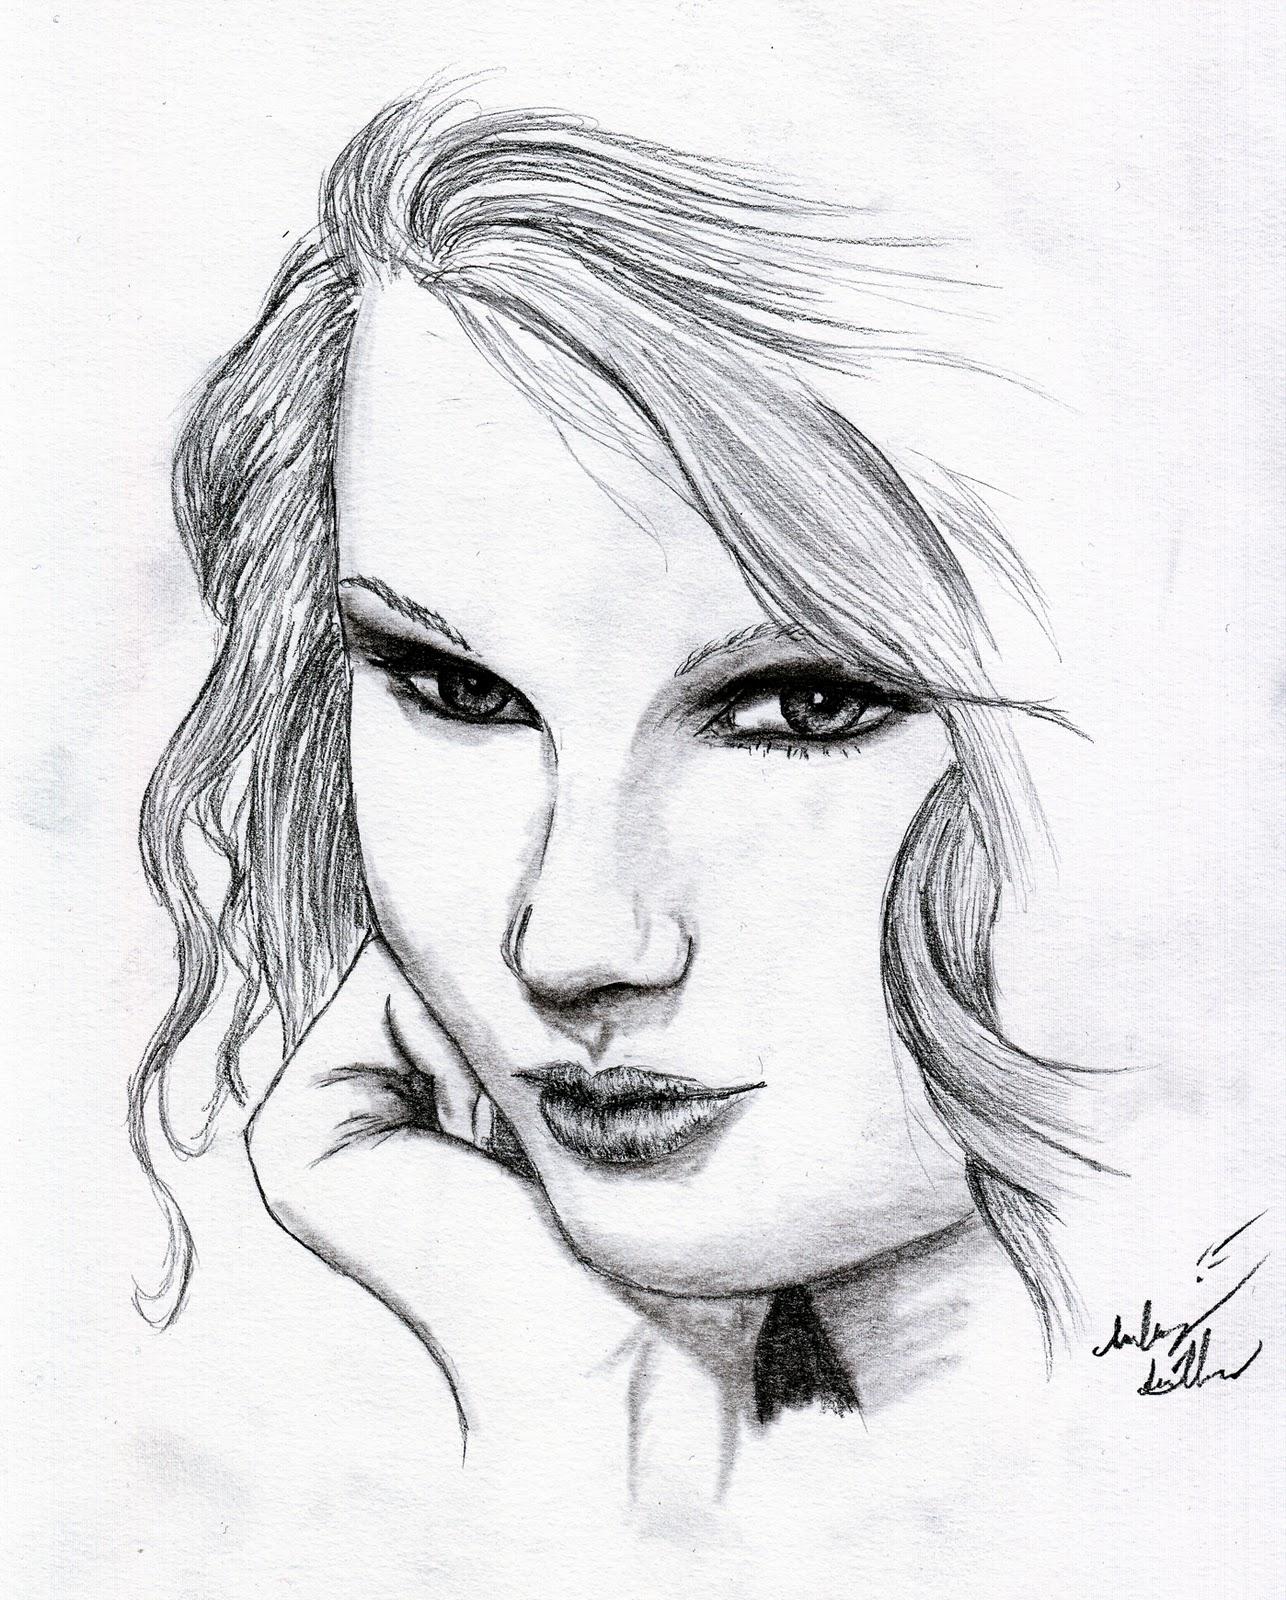 http://1.bp.blogspot.com/-qDXByxSCgVc/TWgR4eEFAjI/AAAAAAAAAZ0/QMiK_KYH1w4/s1600/Taylor_Swift_by_Blackidus.jpg